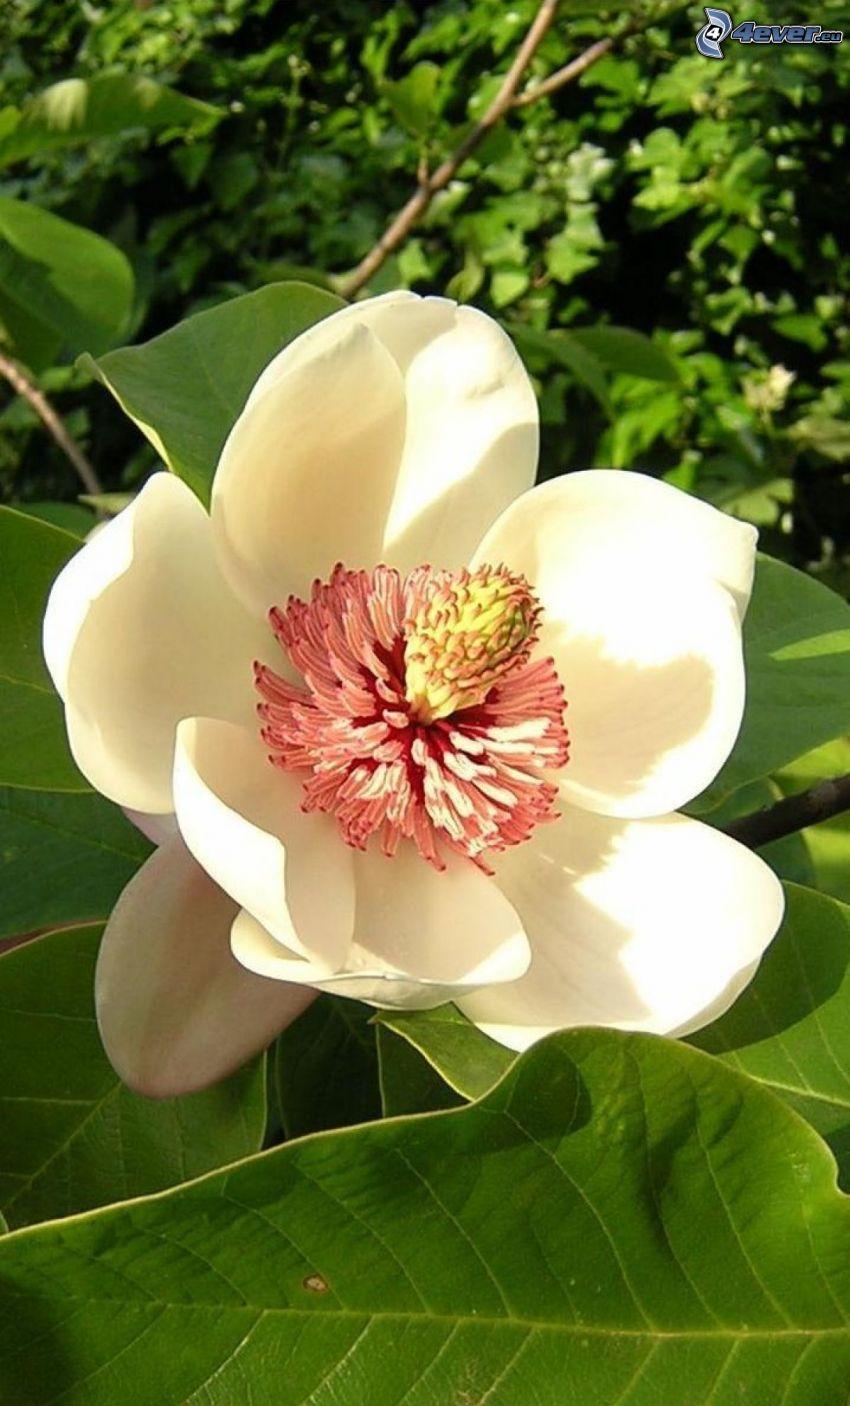 magnolia, flor blanca